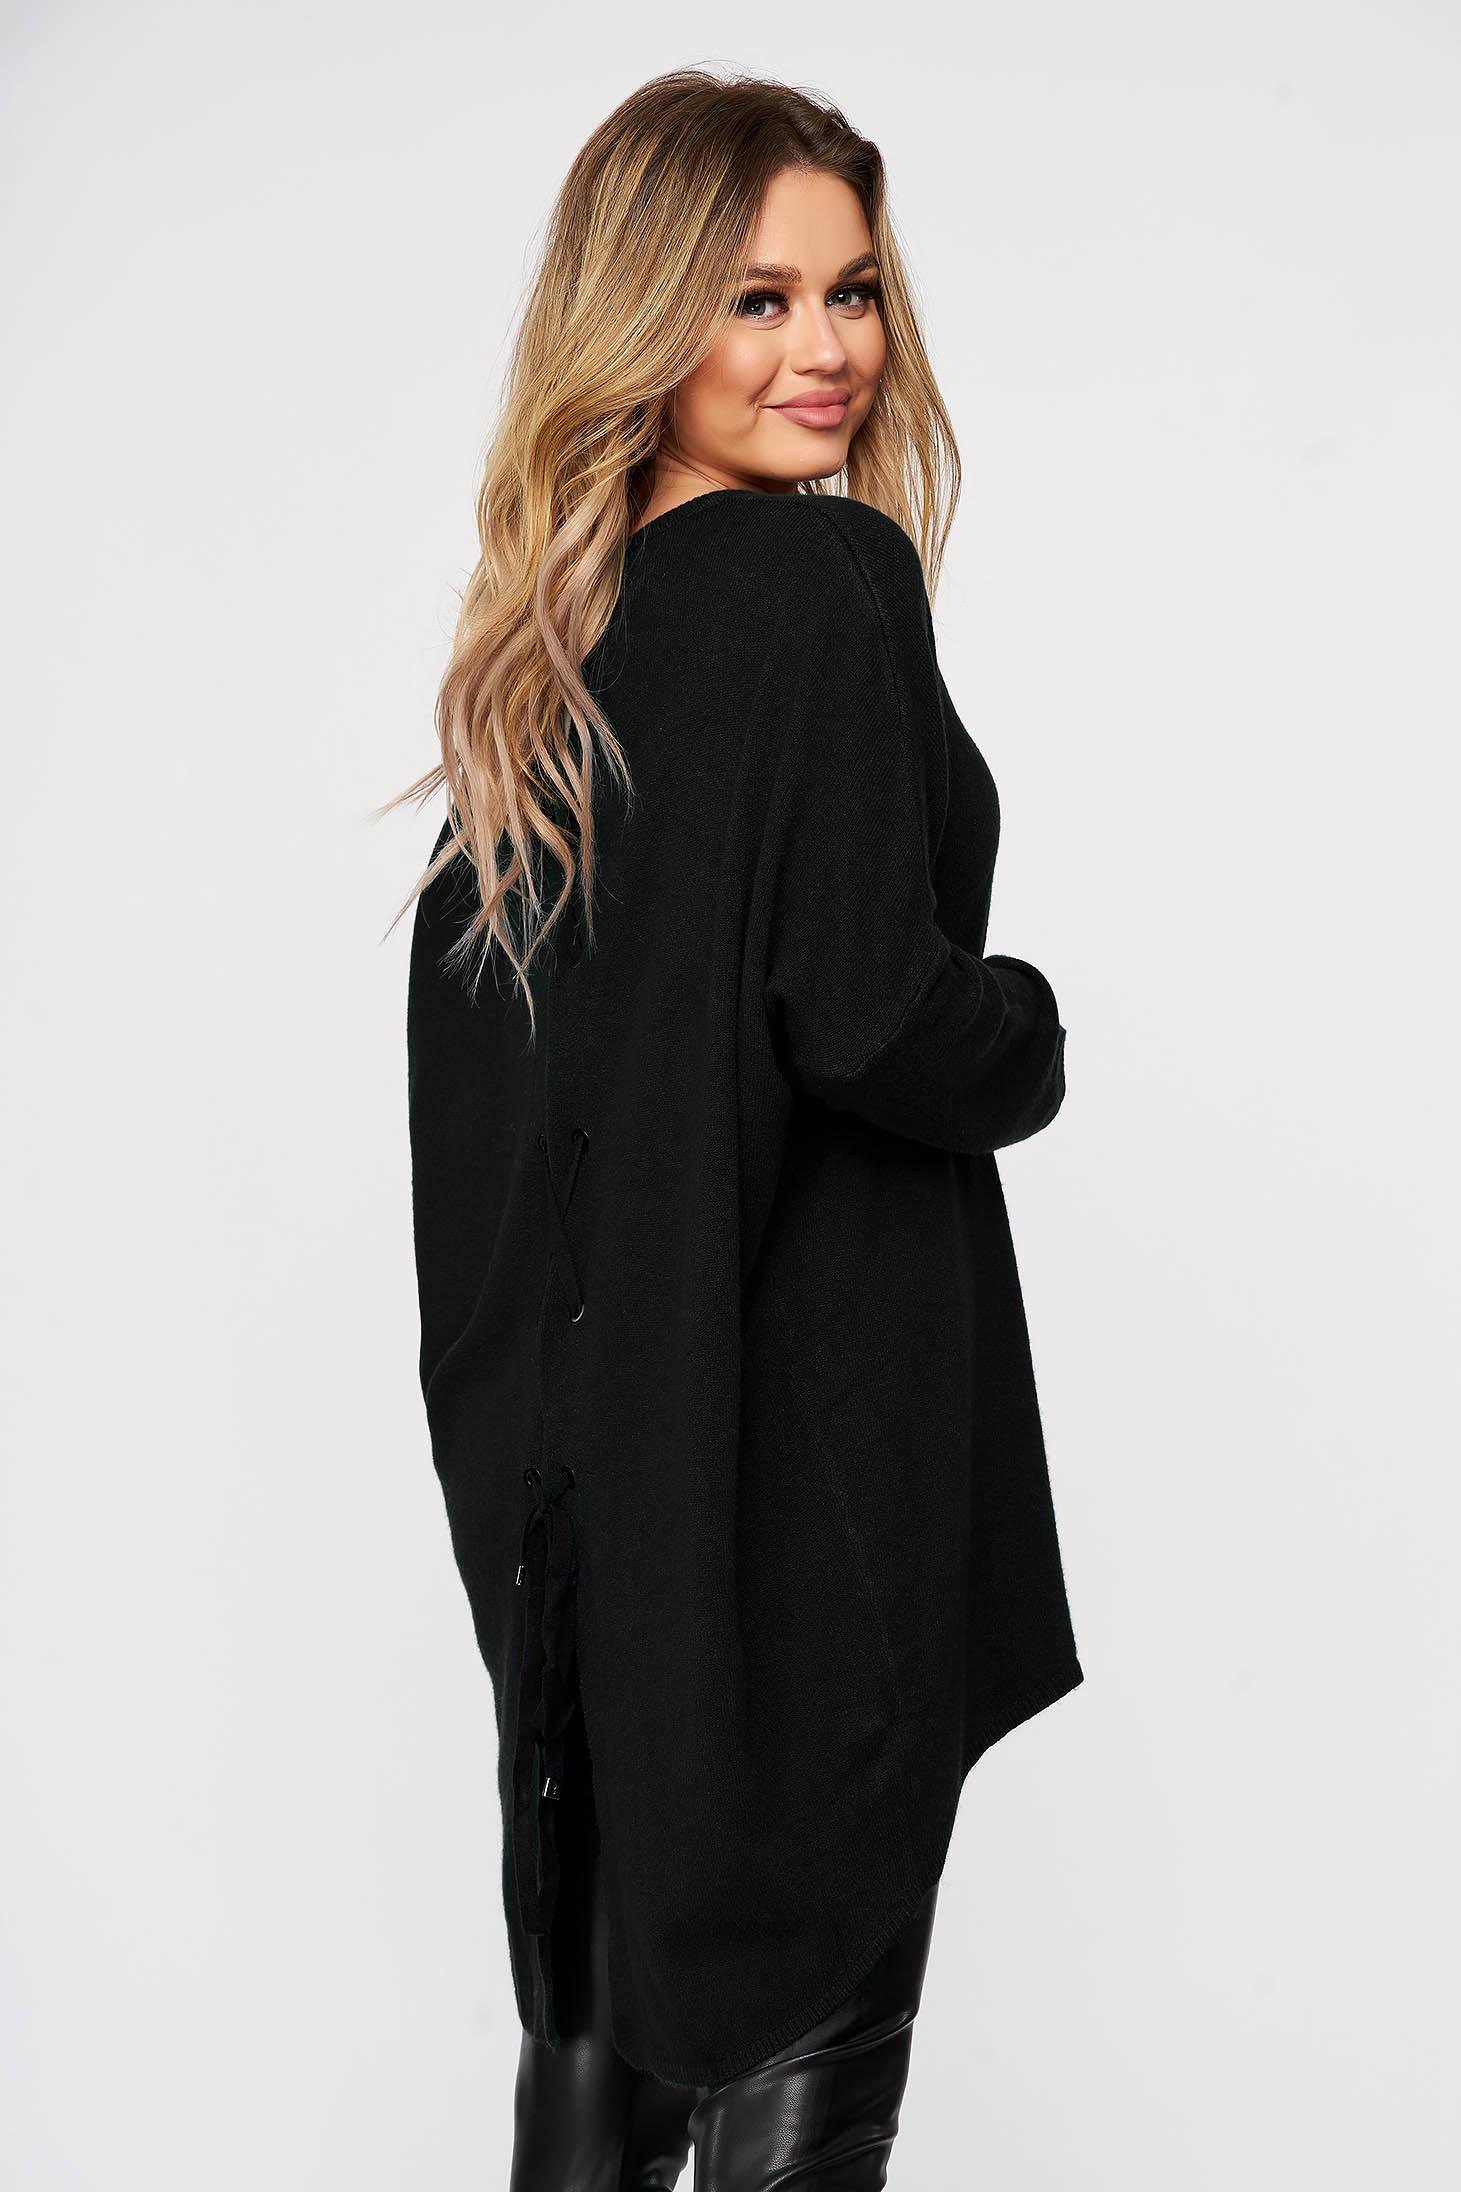 Fekete rugalmas és finom anyagból készült bő szabású hátul felsliccelt kötött női blúz zsinórral